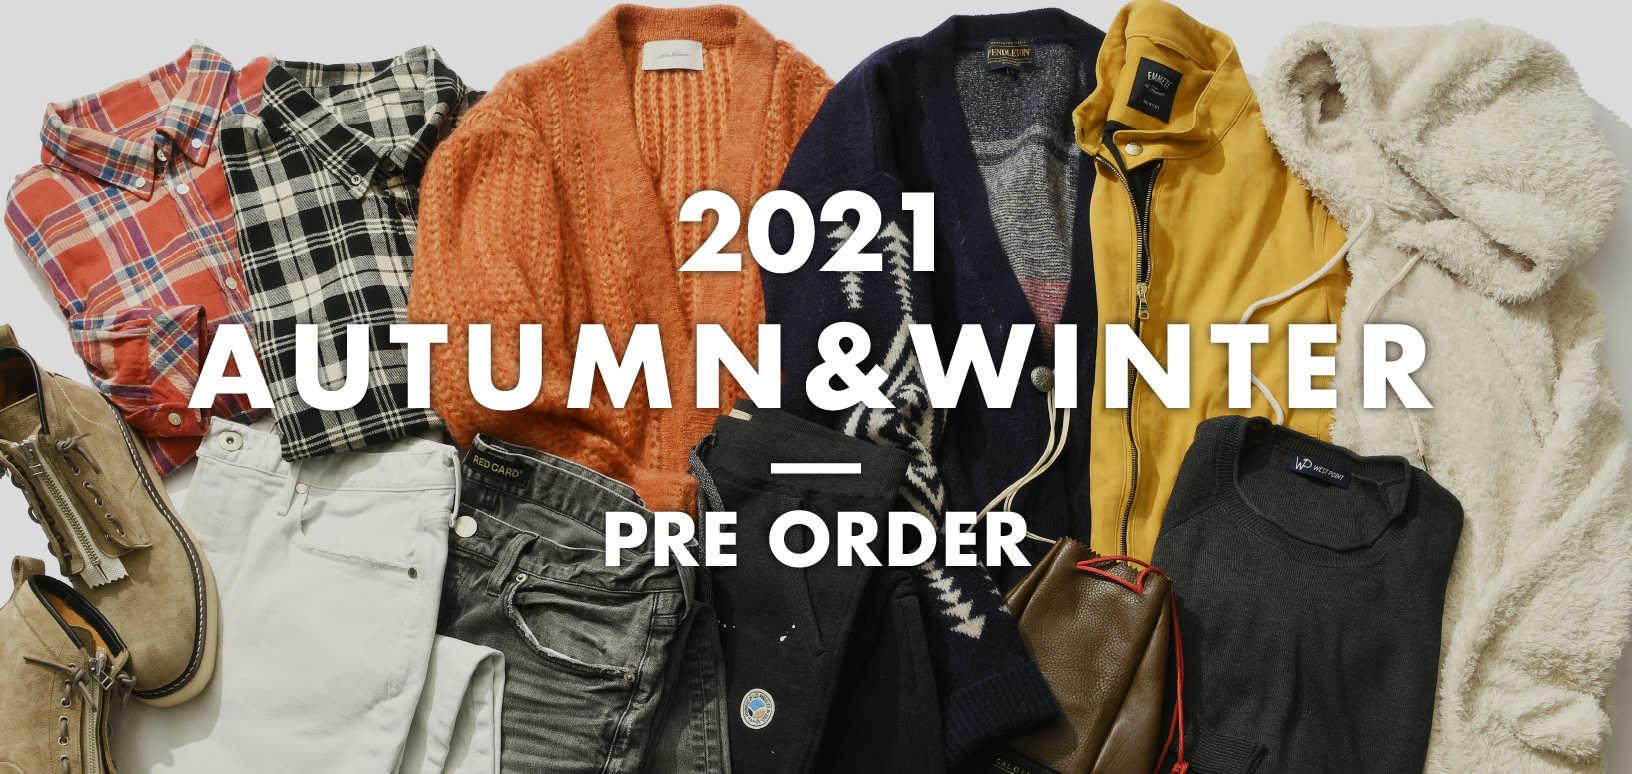 2021 AUTUMN & WINTER PRE ORDER